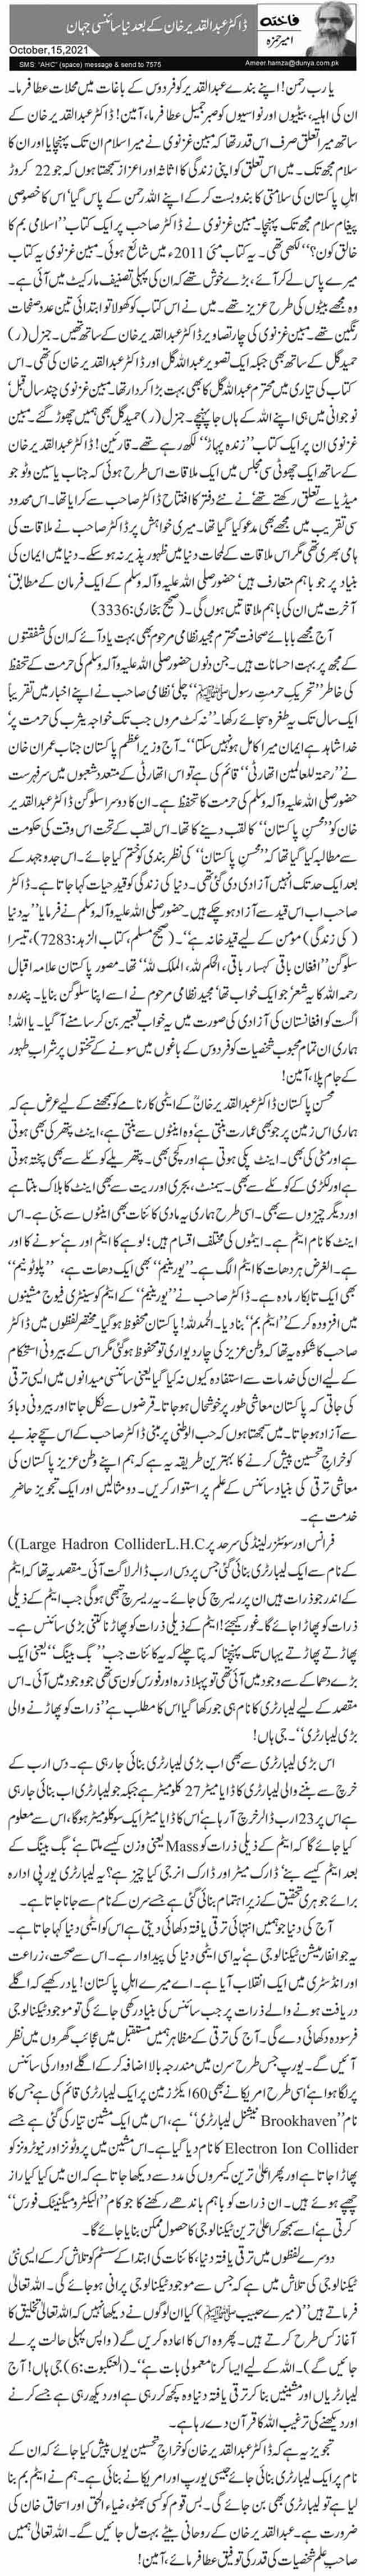 ڈاکٹرعبدالقدیر خان کے بعد نیا سائنسی جہان